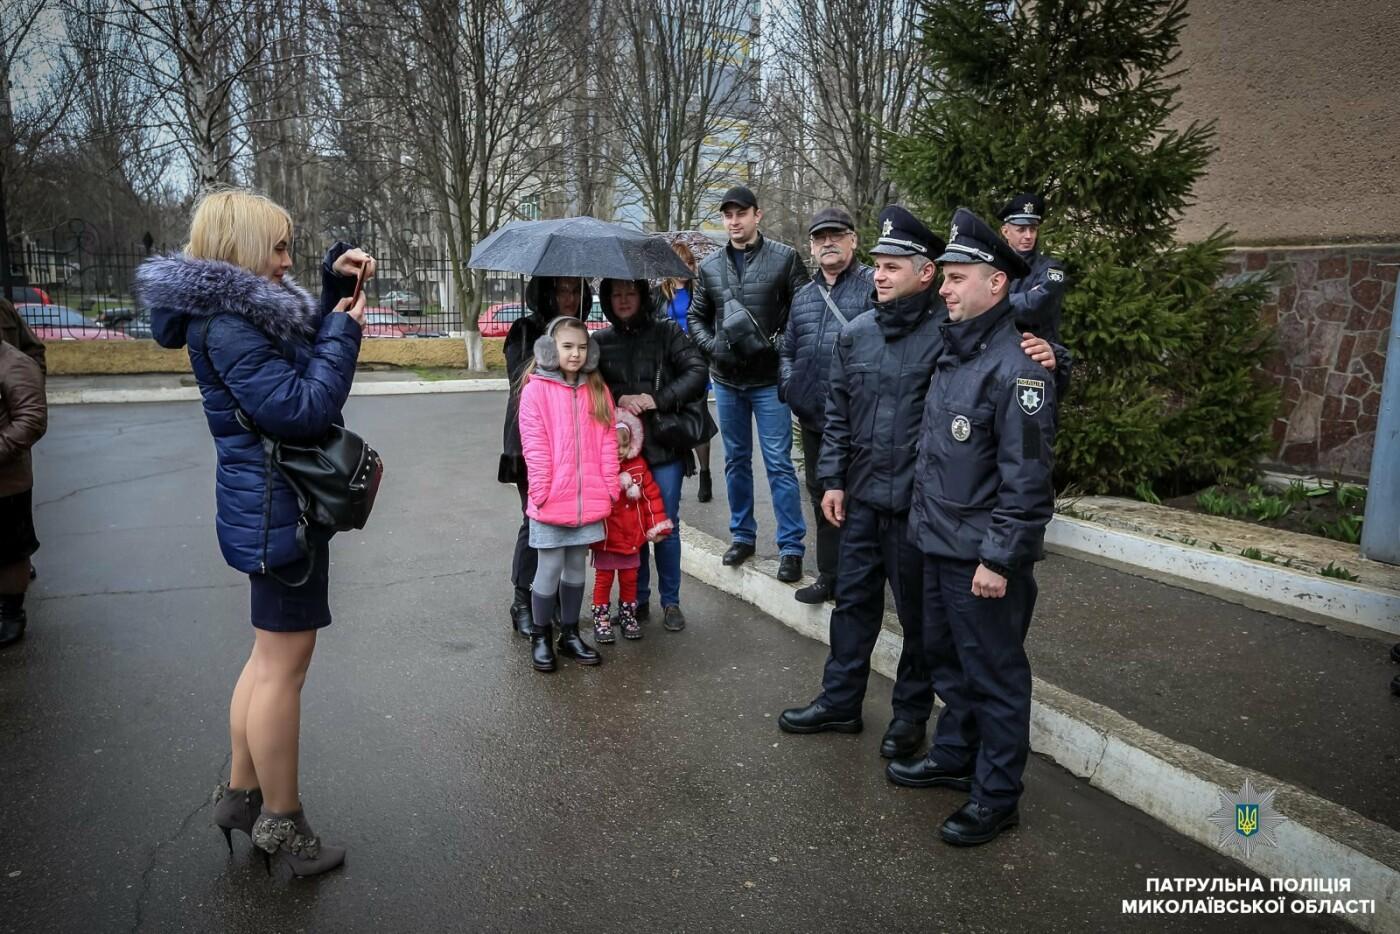 В Николаеве 18 полицейских присягнули на верность украинскому народу, - ФОТО, фото-9